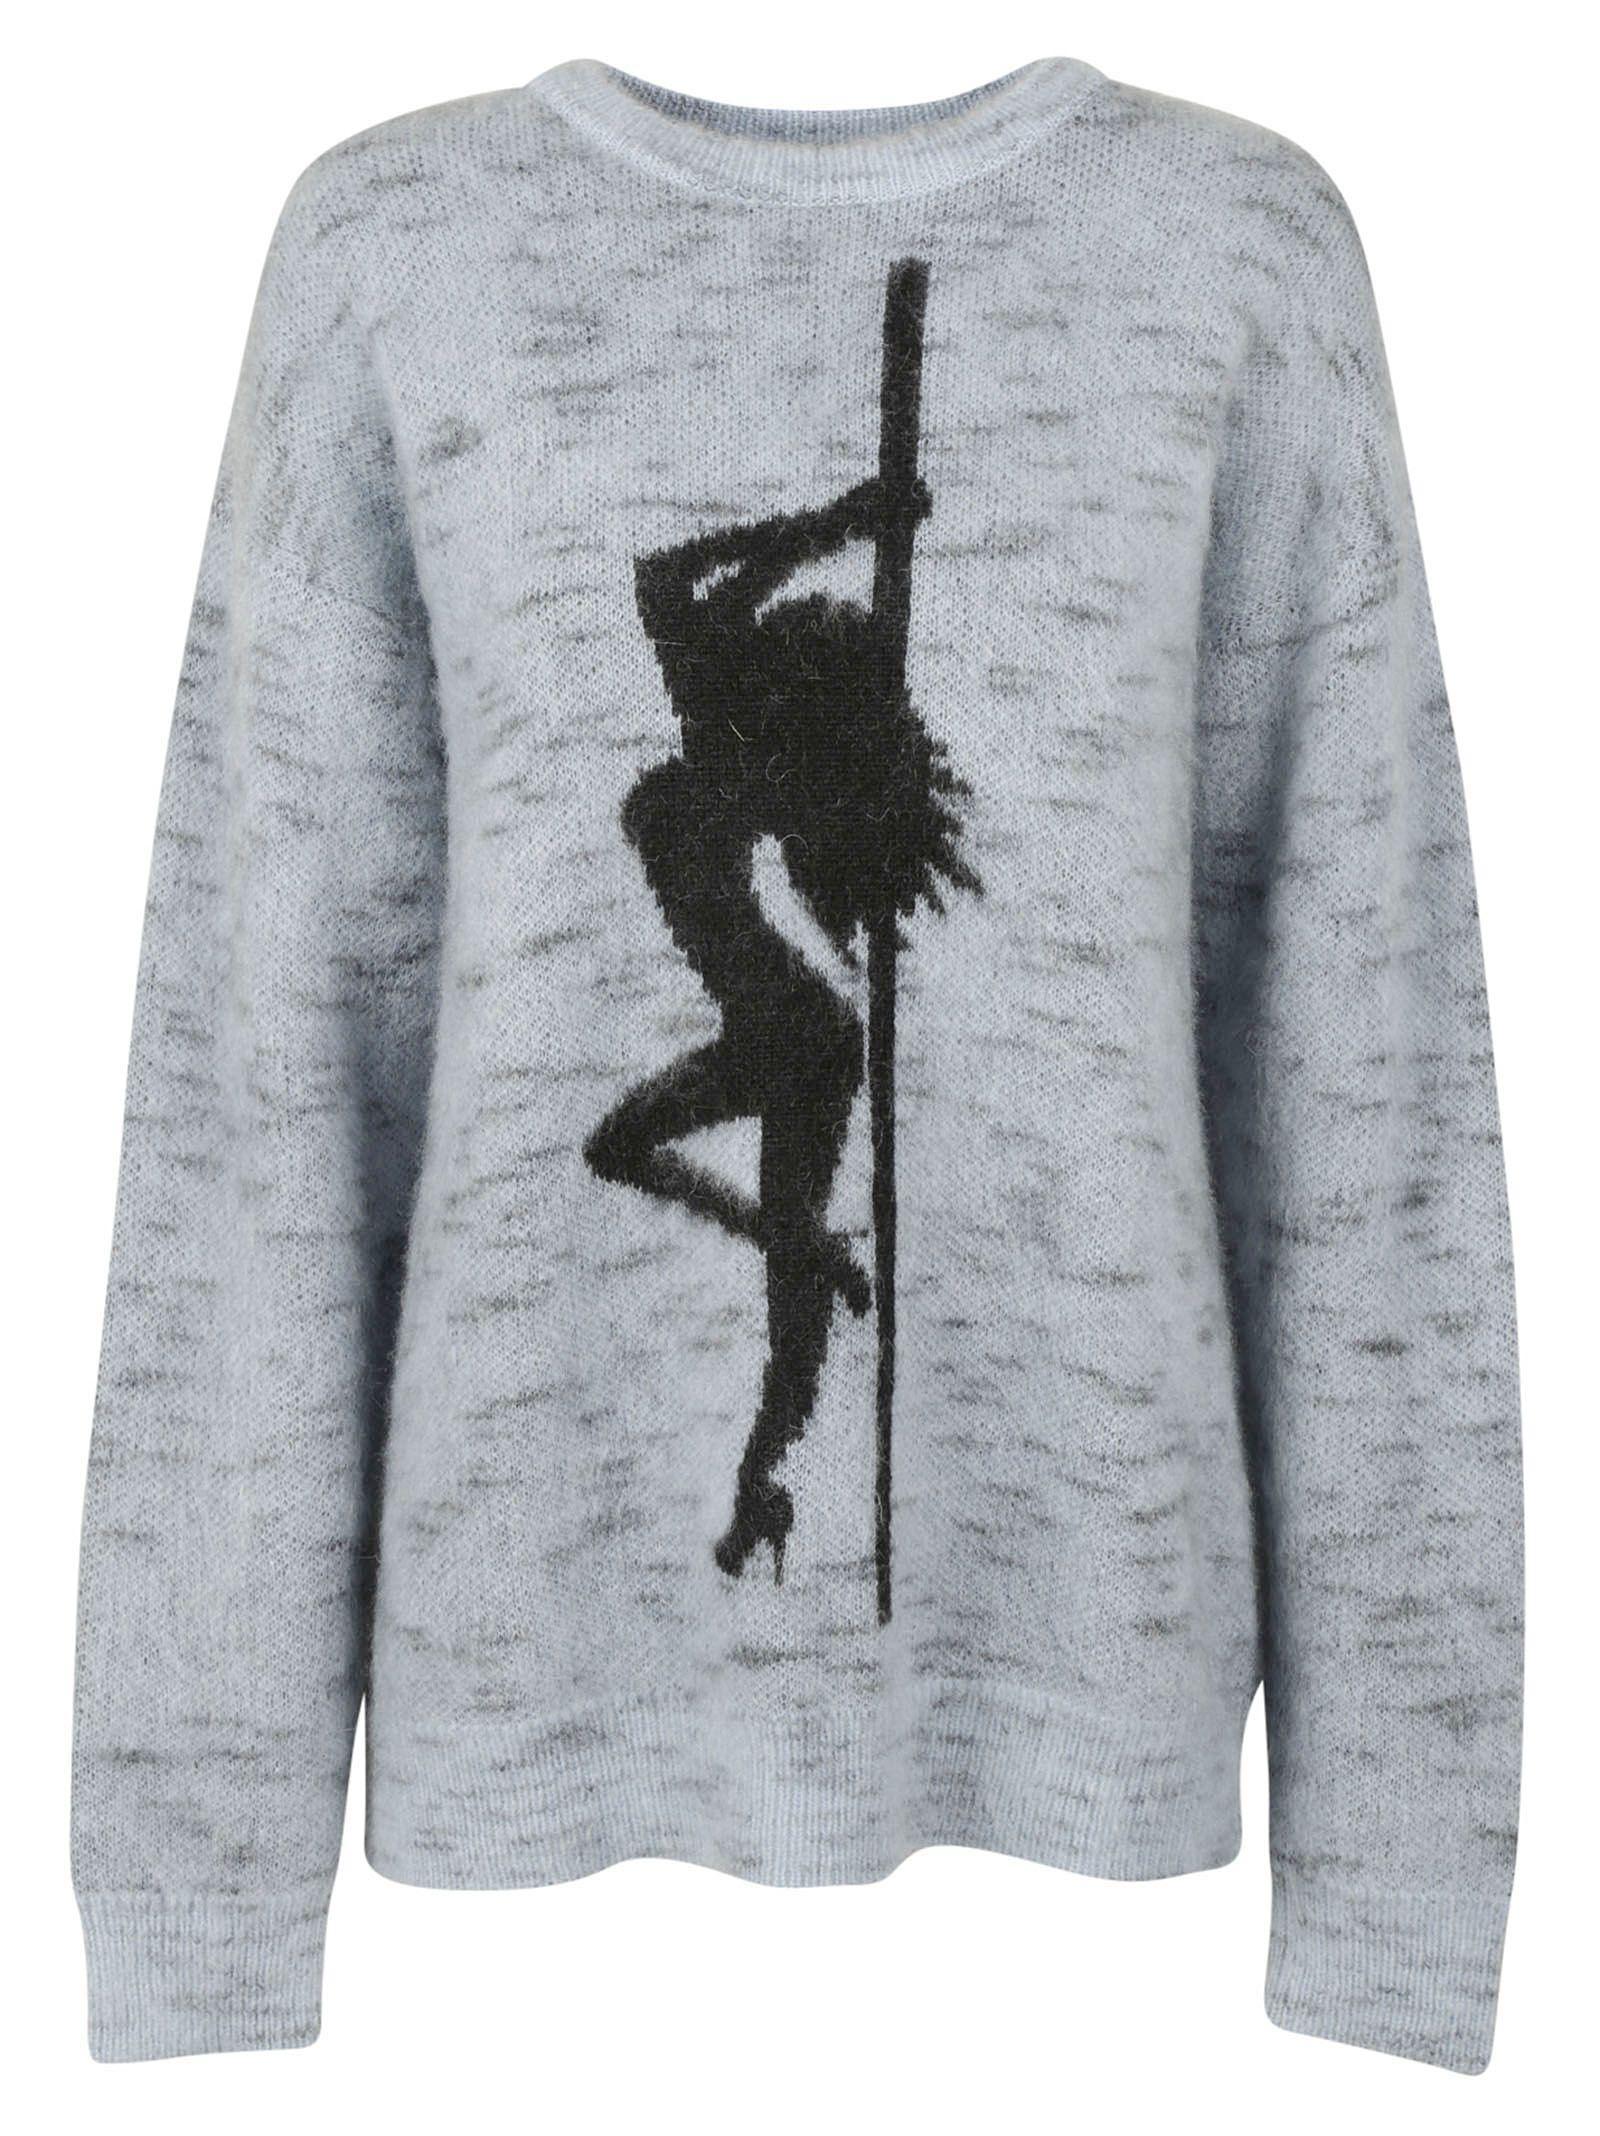 Alexander Pole Dancer Sweater Wang In Pale BlueModesens 8vNn0wm